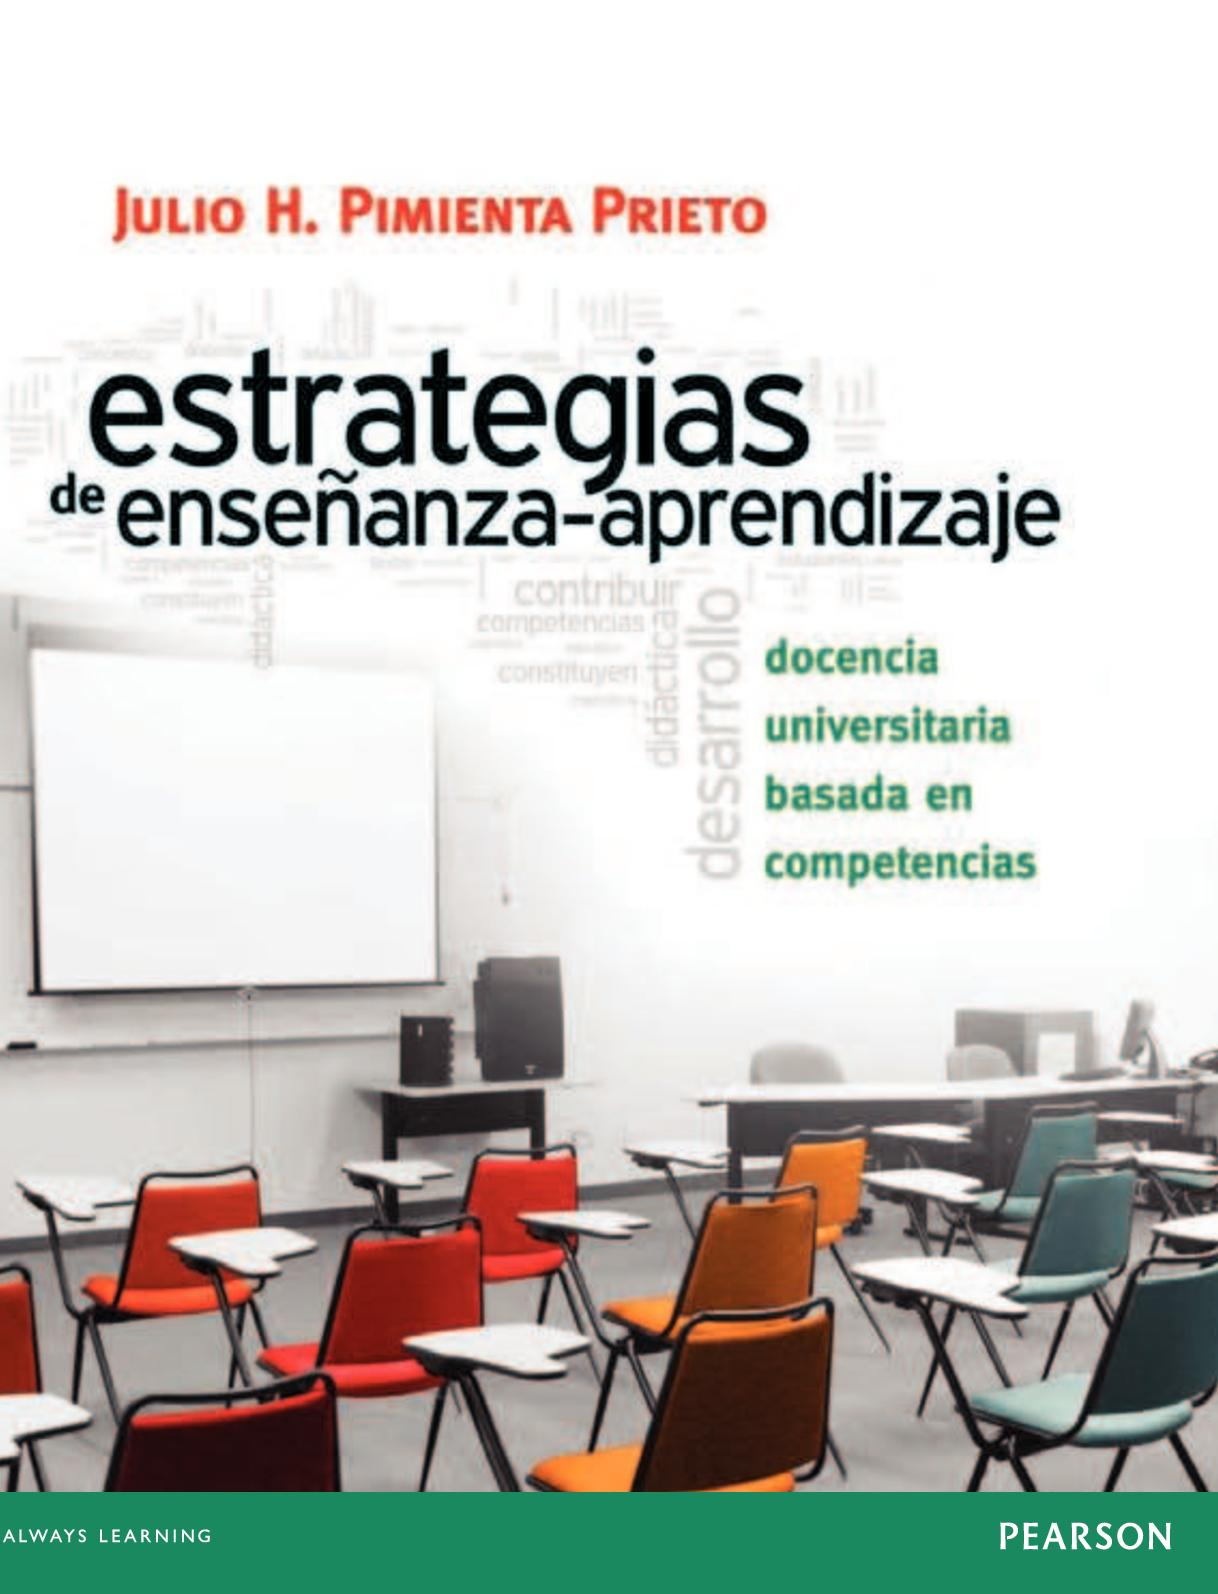 Calaméo - JULIO HERMINIO PIMIENTA PRIETO - Estrategias De Enseñanza ...